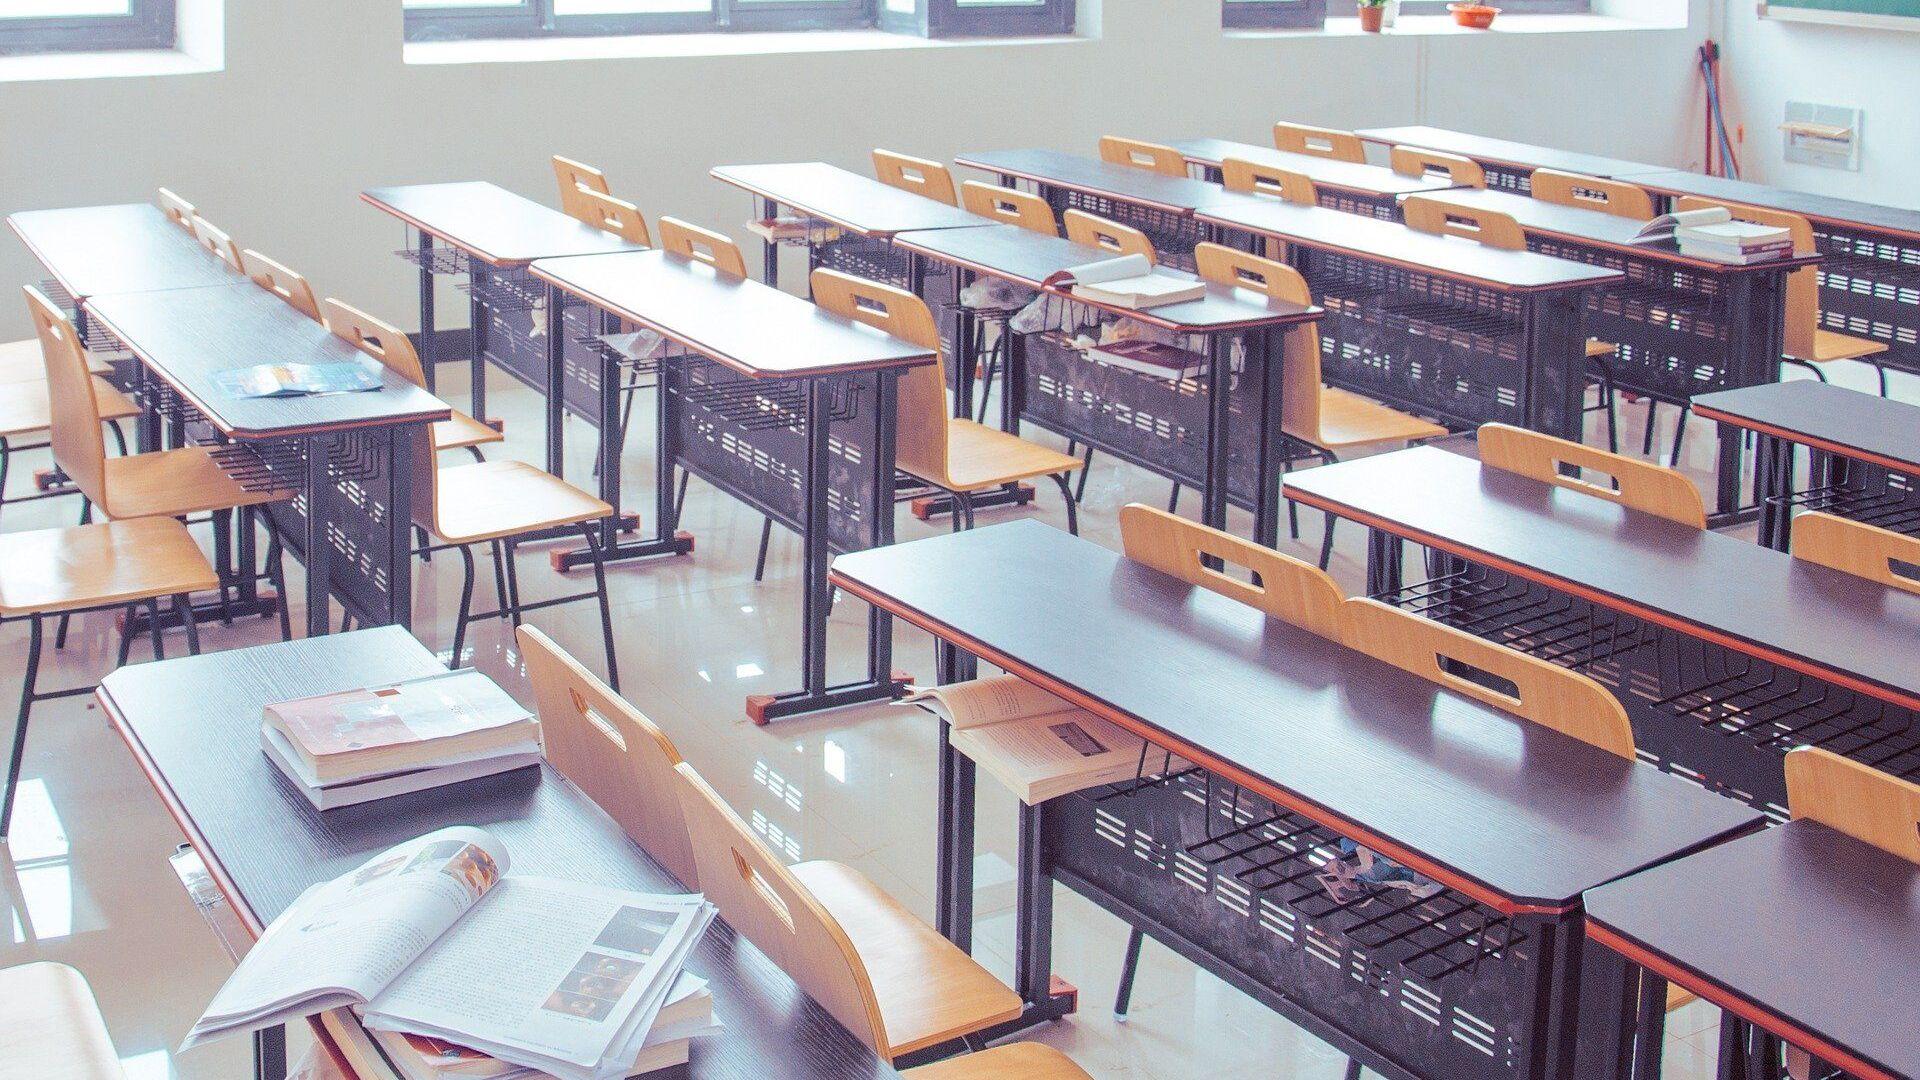 Une salle de classe - Sputnik France, 1920, 31.08.2021